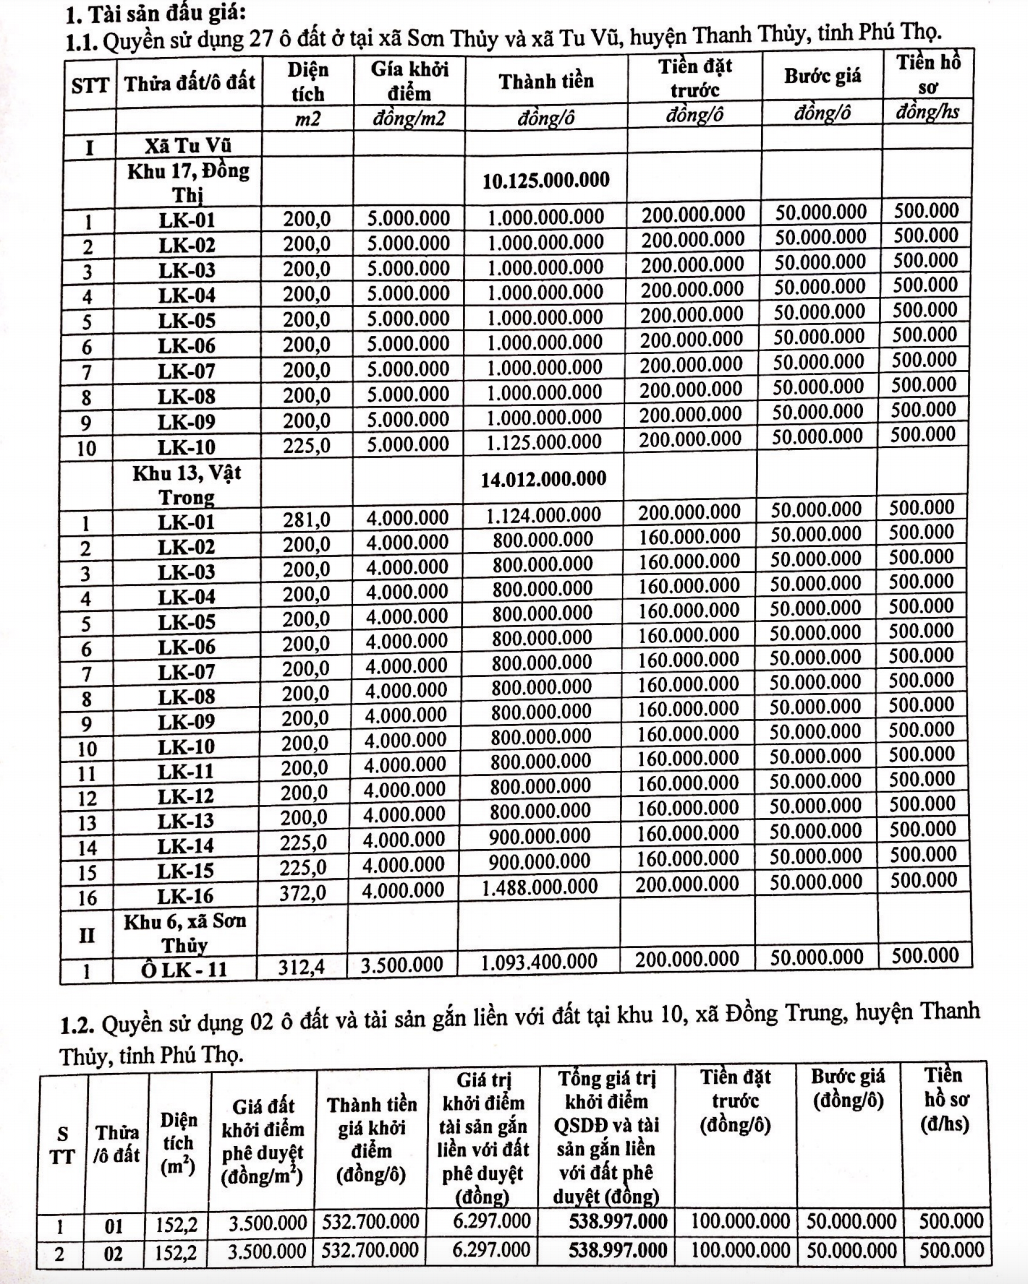 Phú Thọ sắp đấu giá quyền sử dụng 29 ô đất tại huyện Thanh Thủy, giá khởi điểm từ 3,5 triệu đồng/m2 - Ảnh 1.